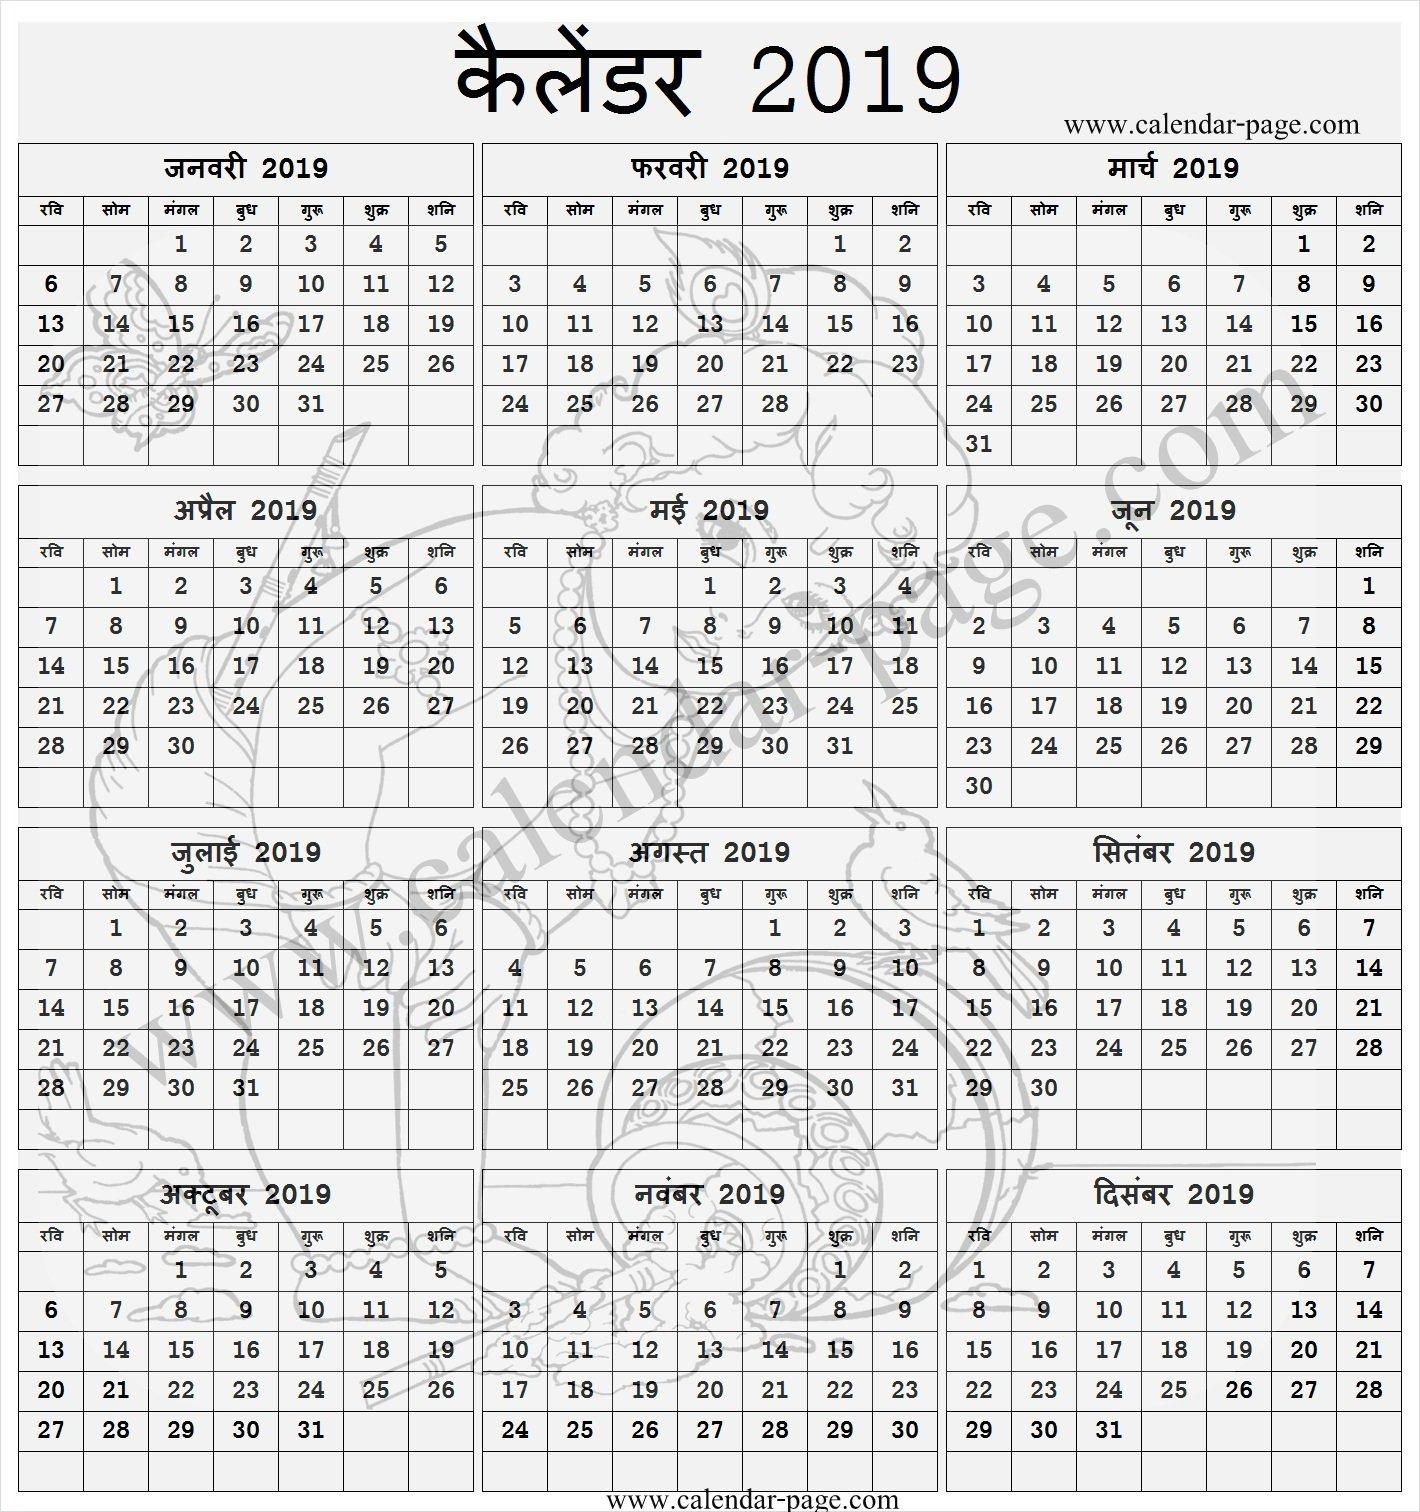 2019 Hindu Calendar In Hindi Template   Calendar 2019 In Hindi Calendar 2019 Hindu